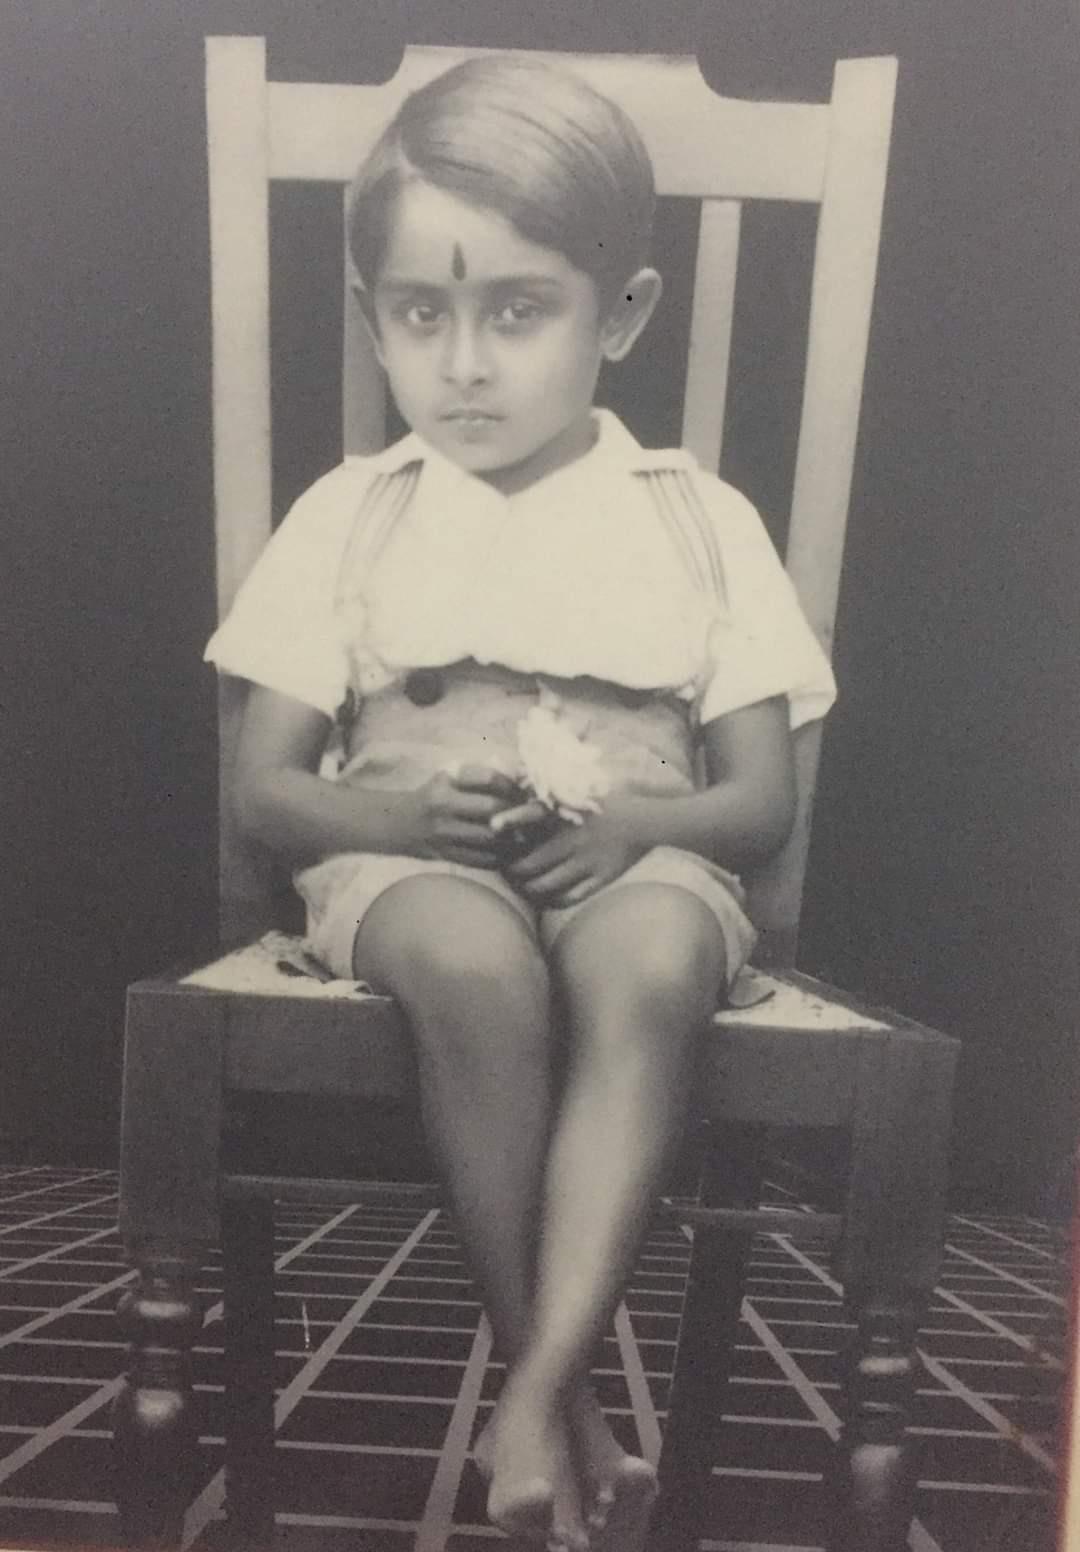 Madhu, Madhu Childhood photo, iemalayalam